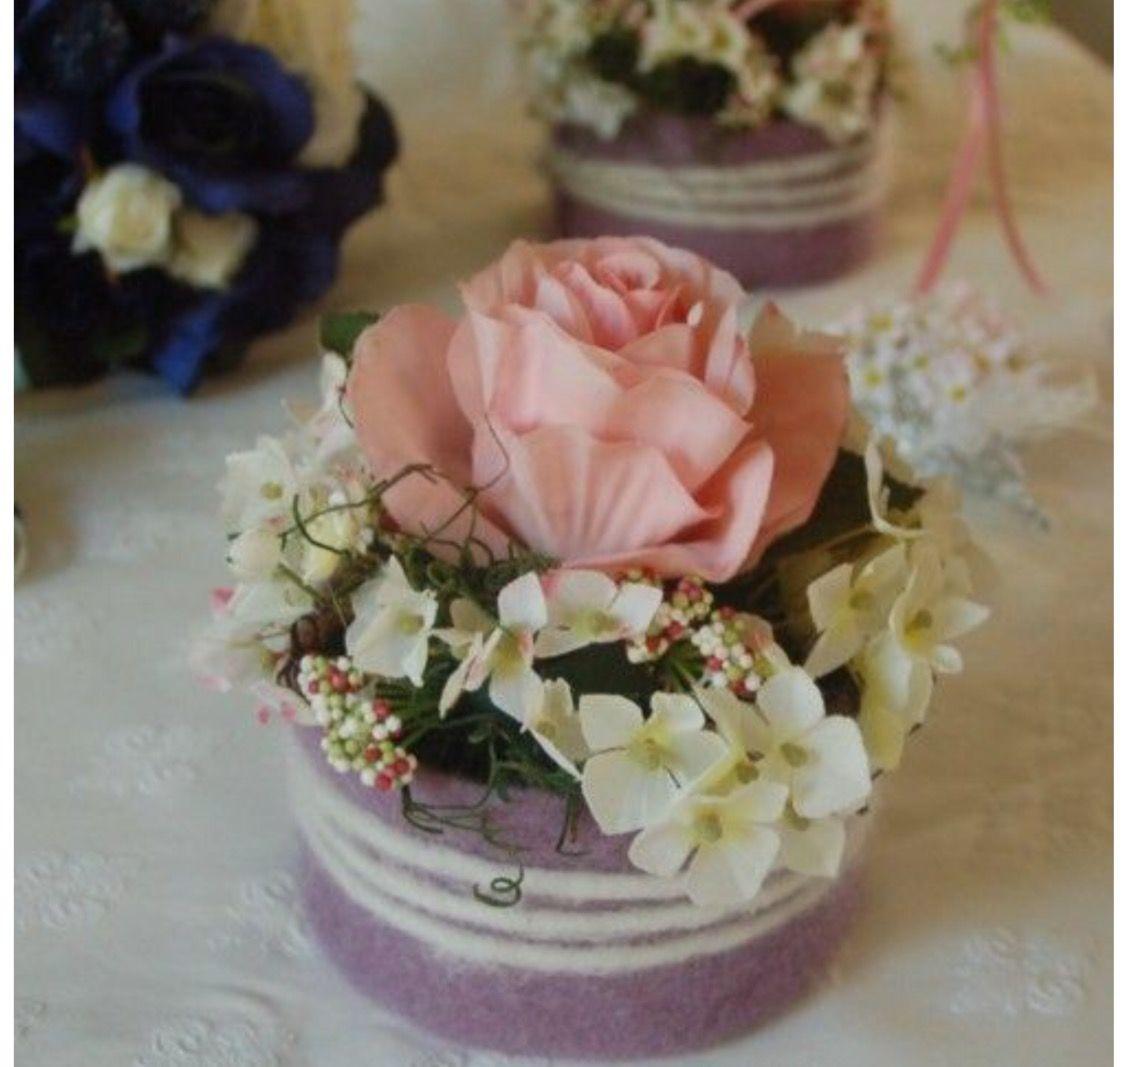 9 hochzeitsfeier tischdeko blumen bouquet tischdekoration for Tischdekoration hochzeit blumen